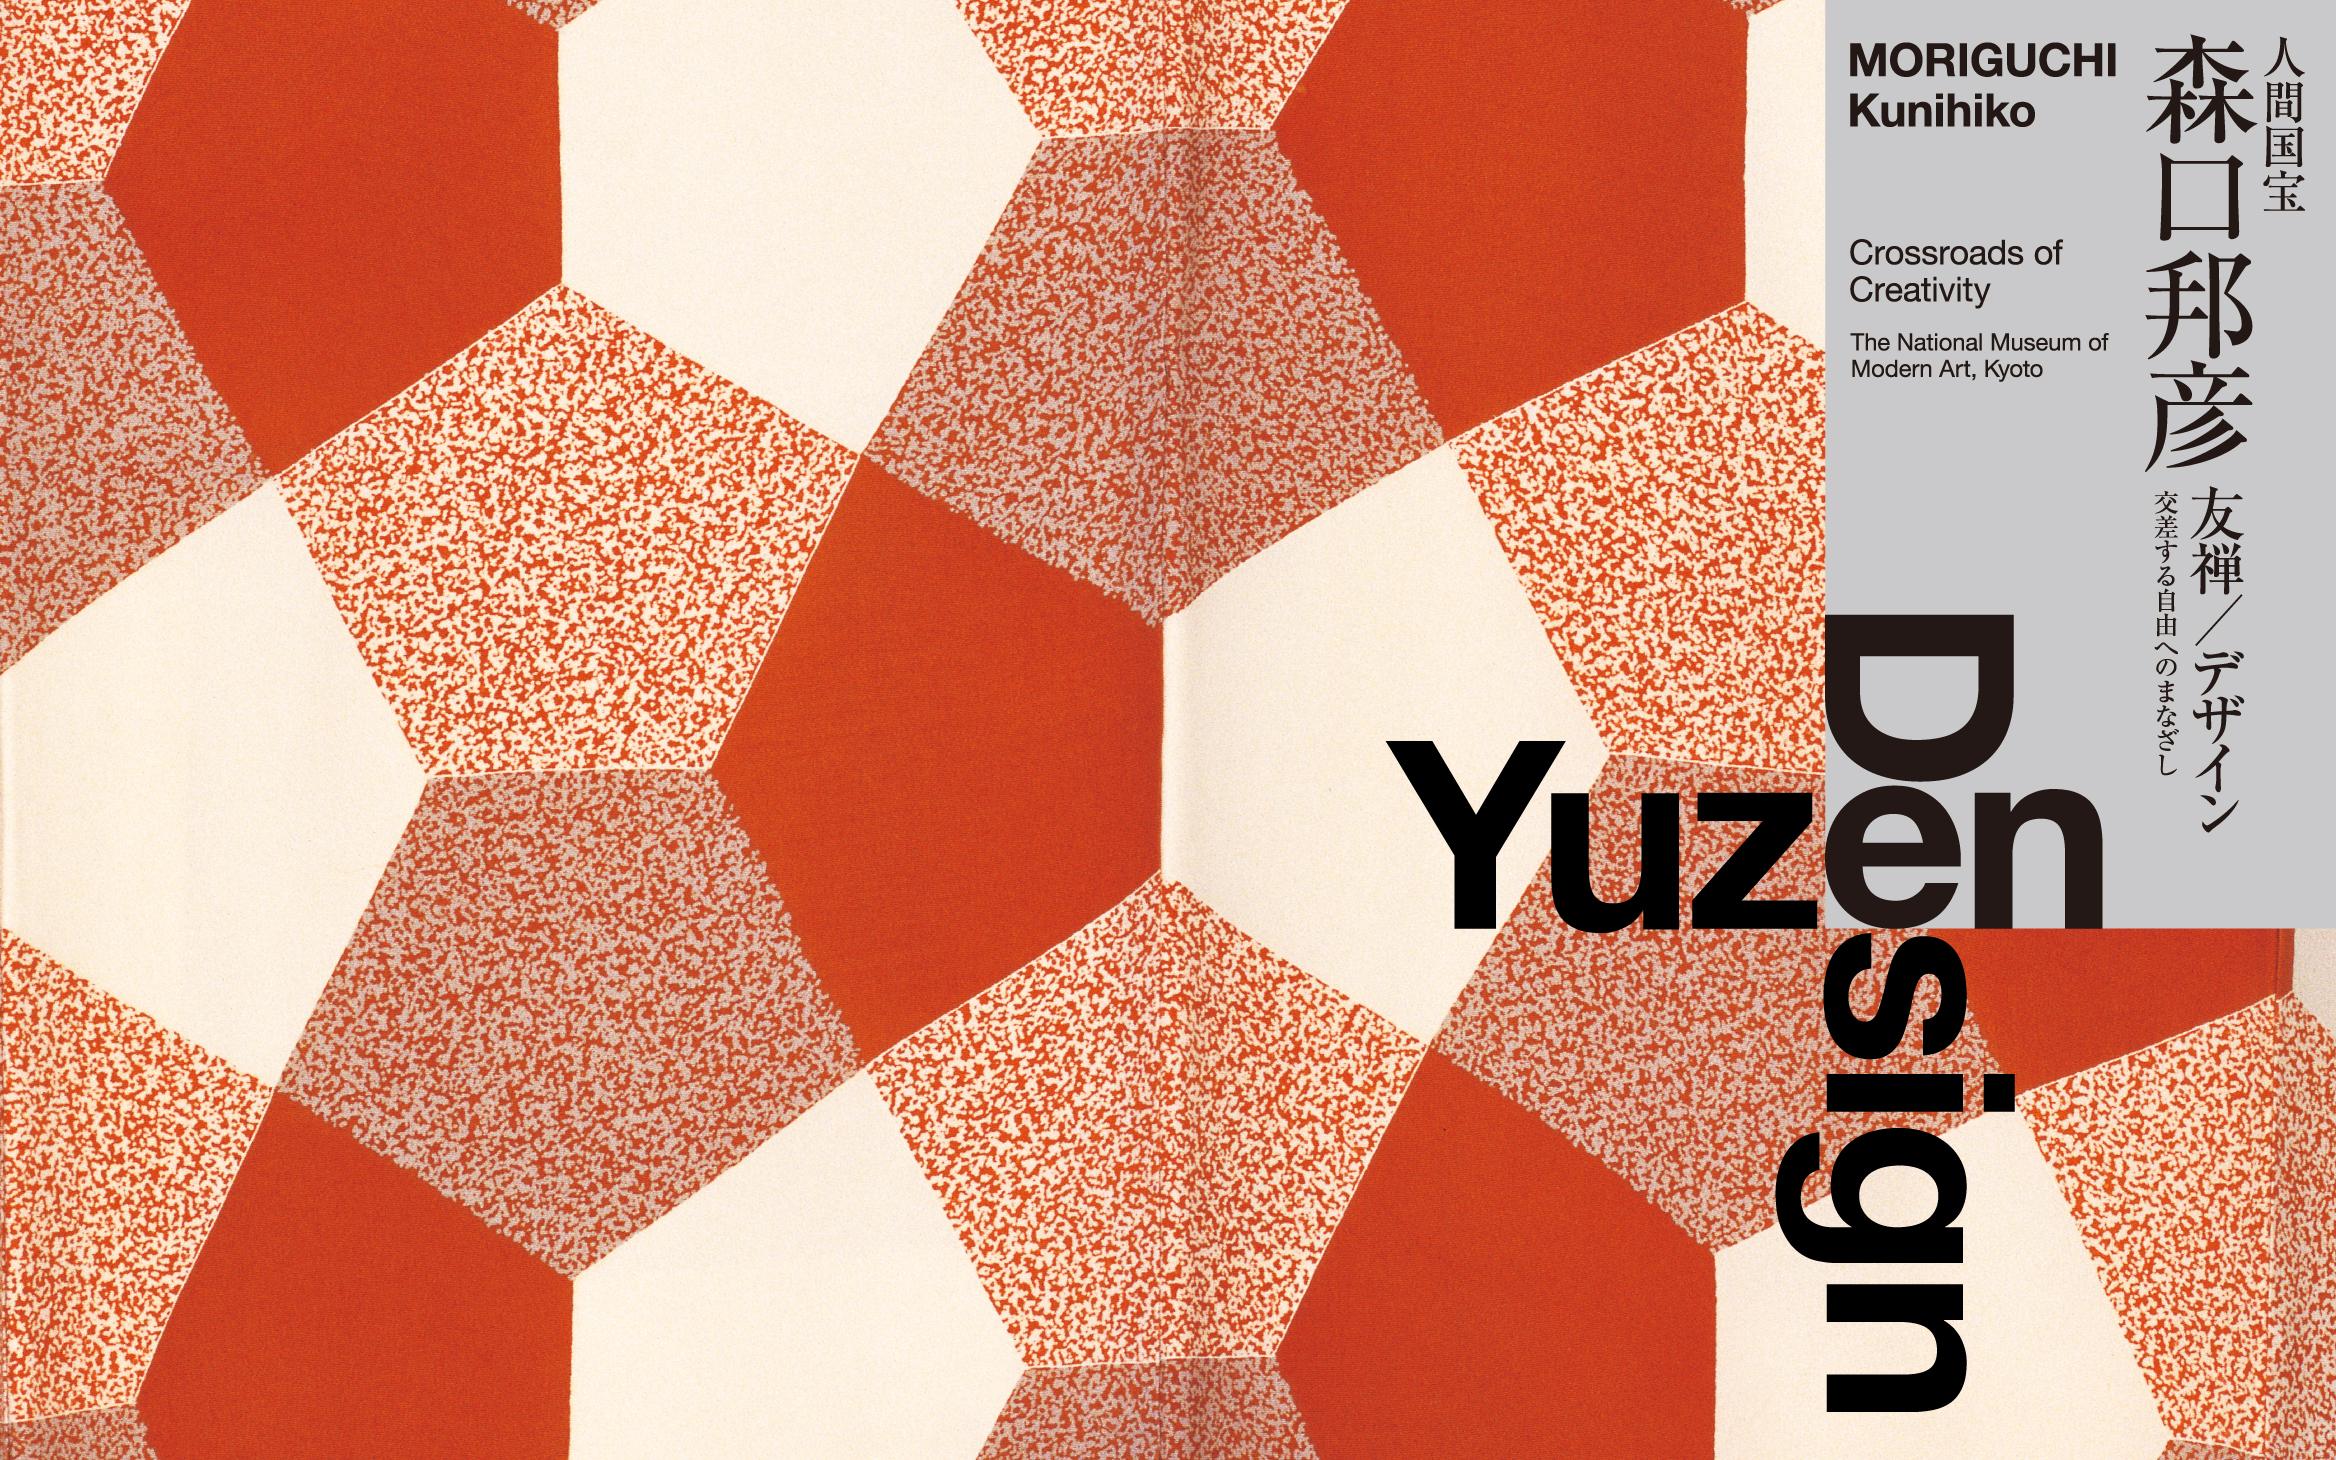 MORIGUCHI Kunihiko: Yuzen / Design – Crossroads of Creativity